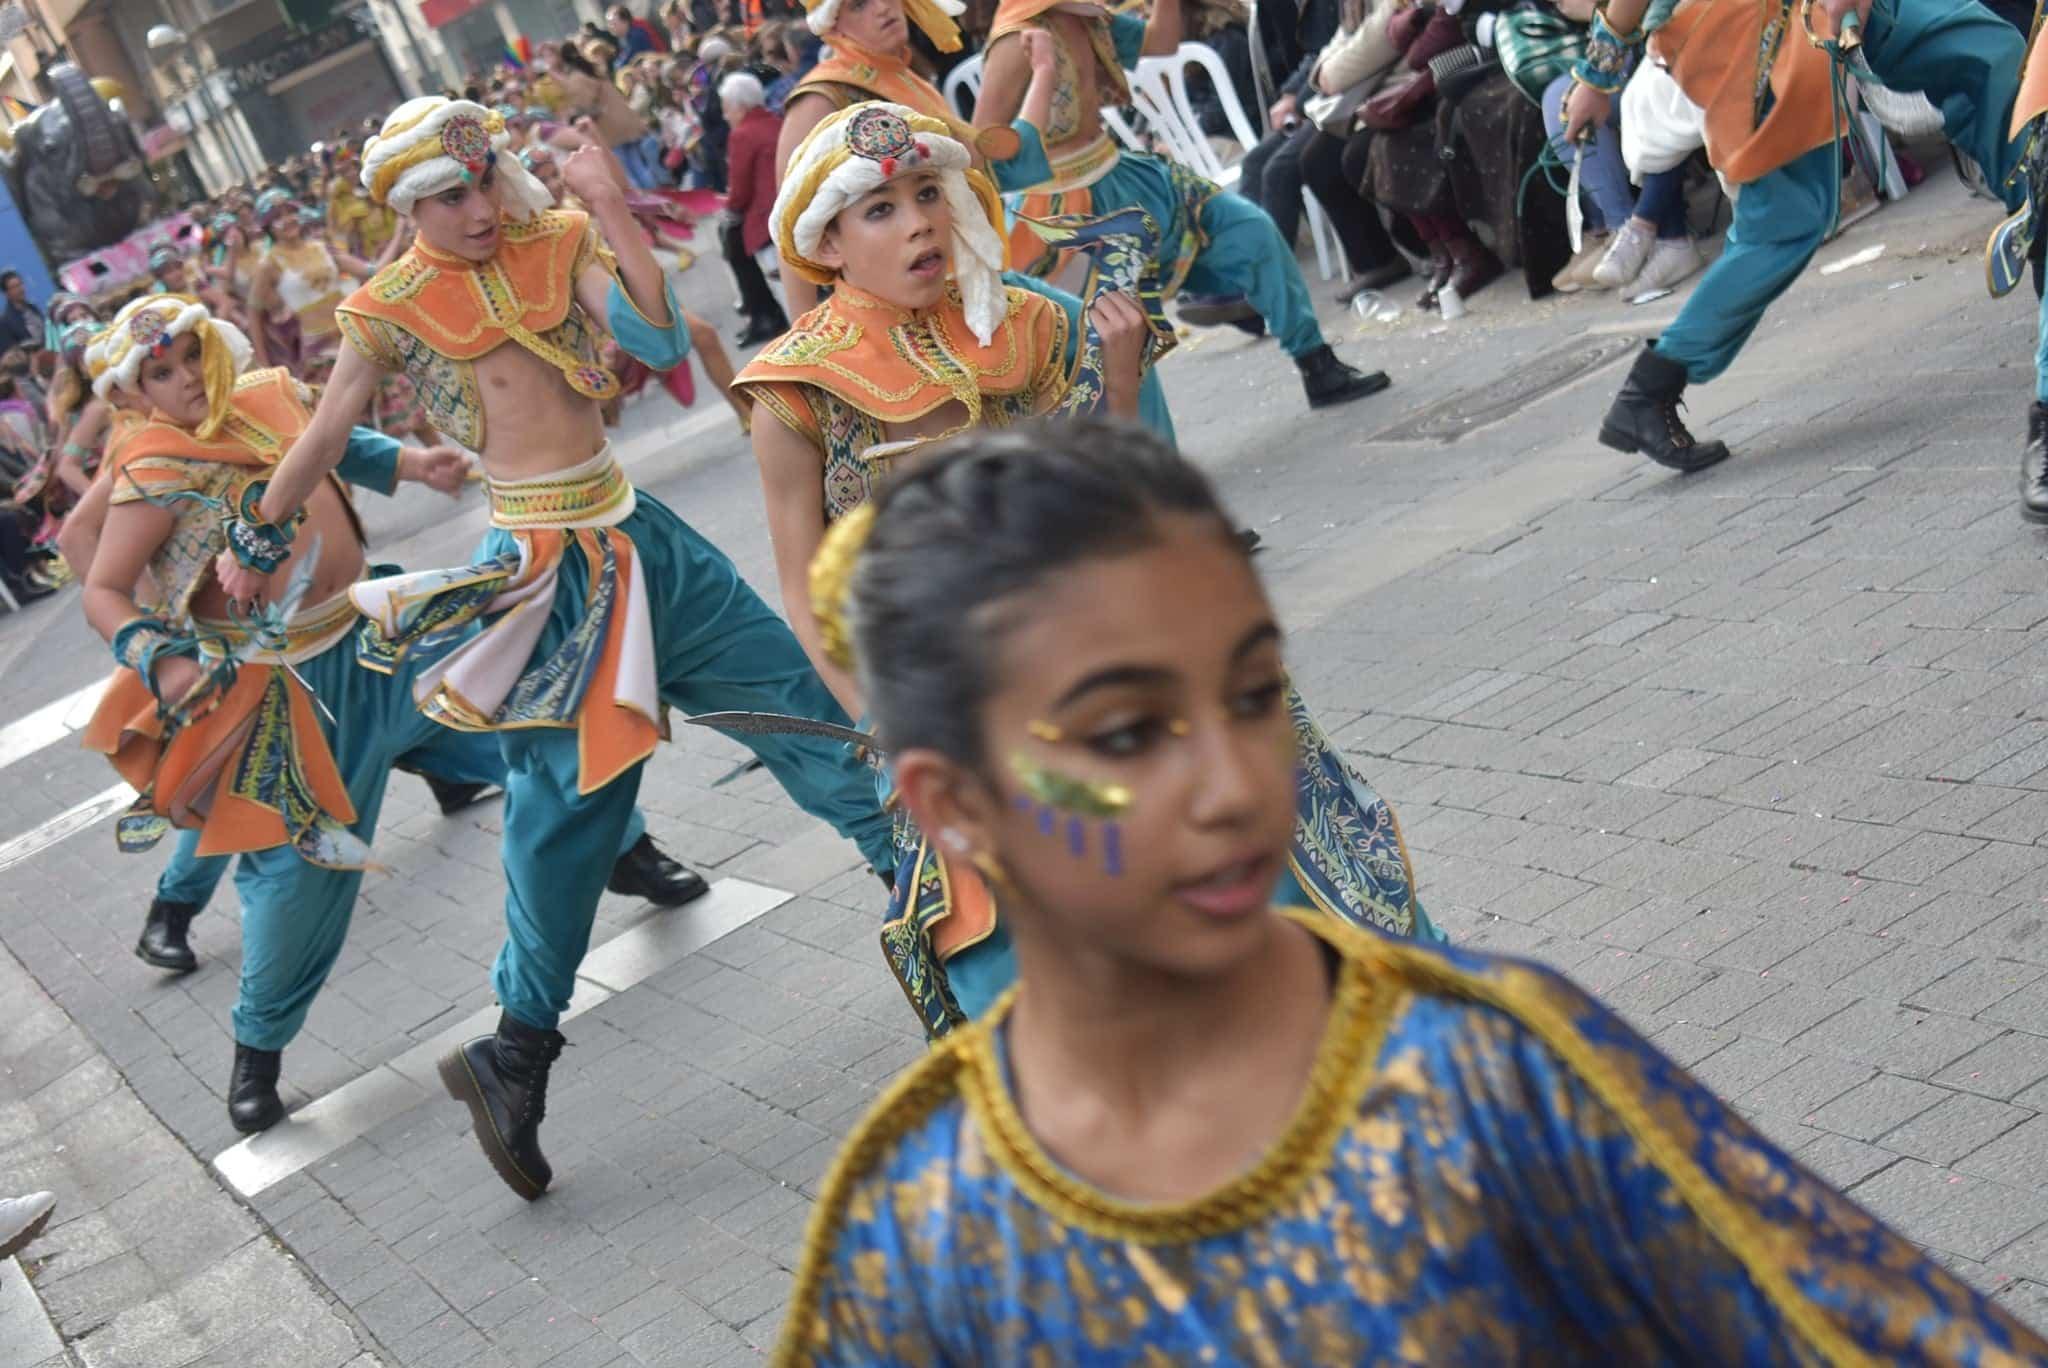 Carnaval de ciudad real 2020 axonsou arlequin oro herencia 12 - Axonsou se lleva el Arlequín de Oro en Ciudad Real